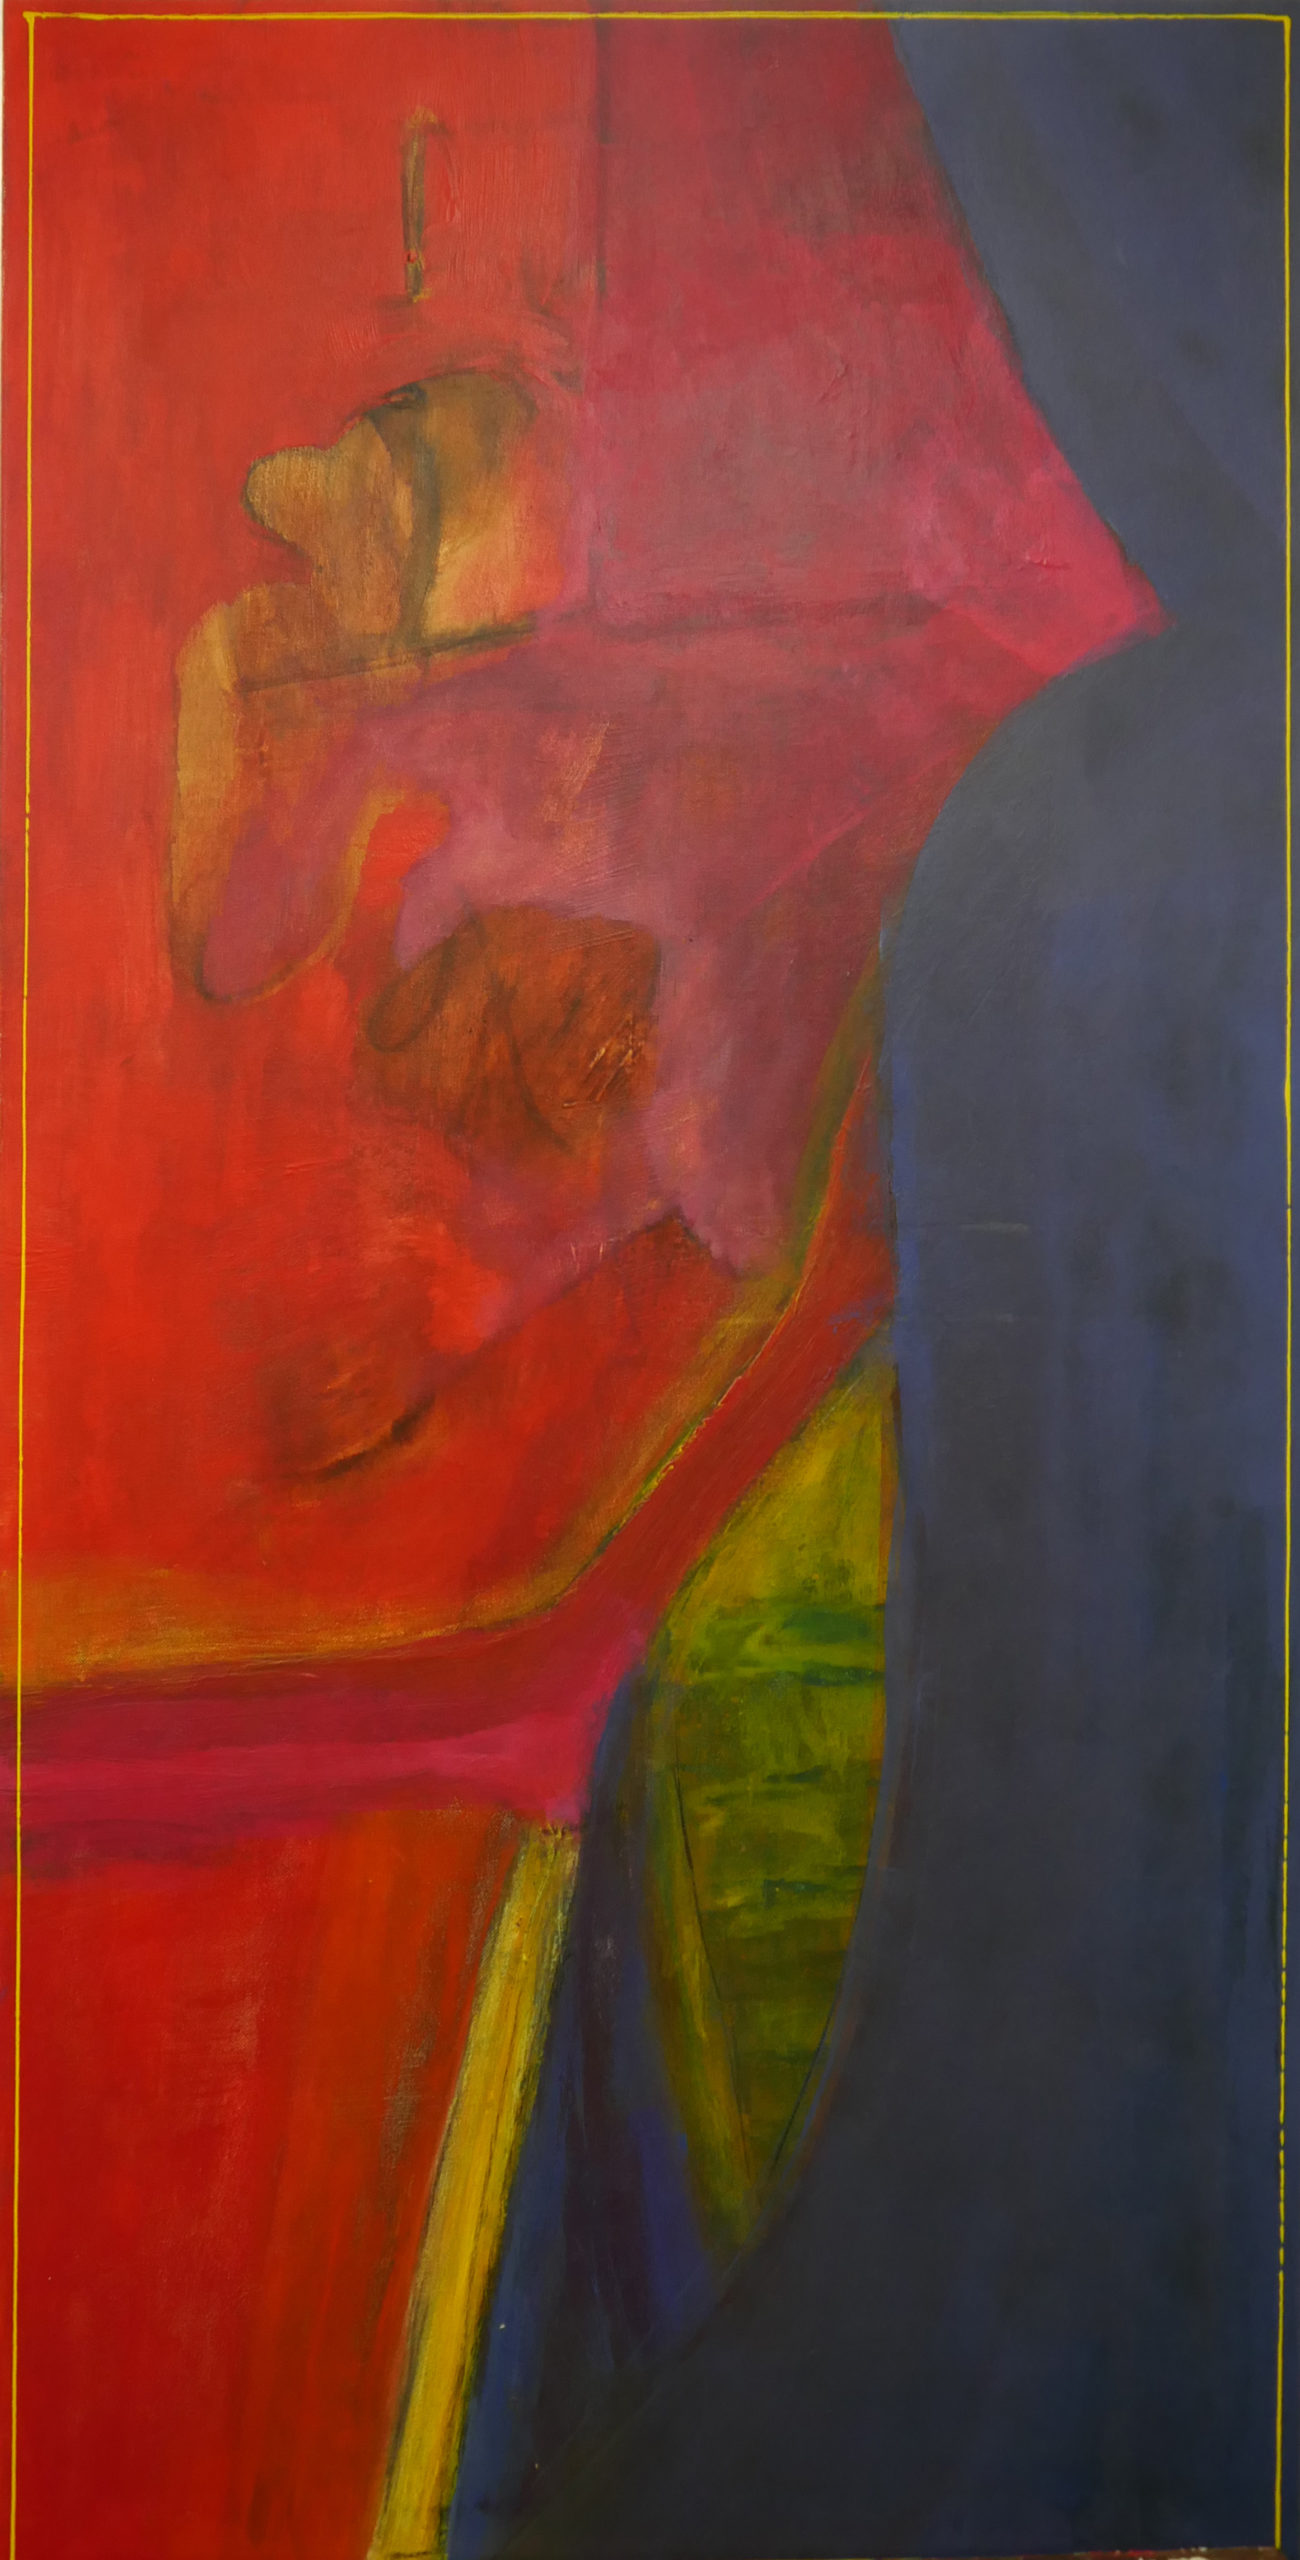 Oehrlein Malerei blau-rot-gelb dominierend